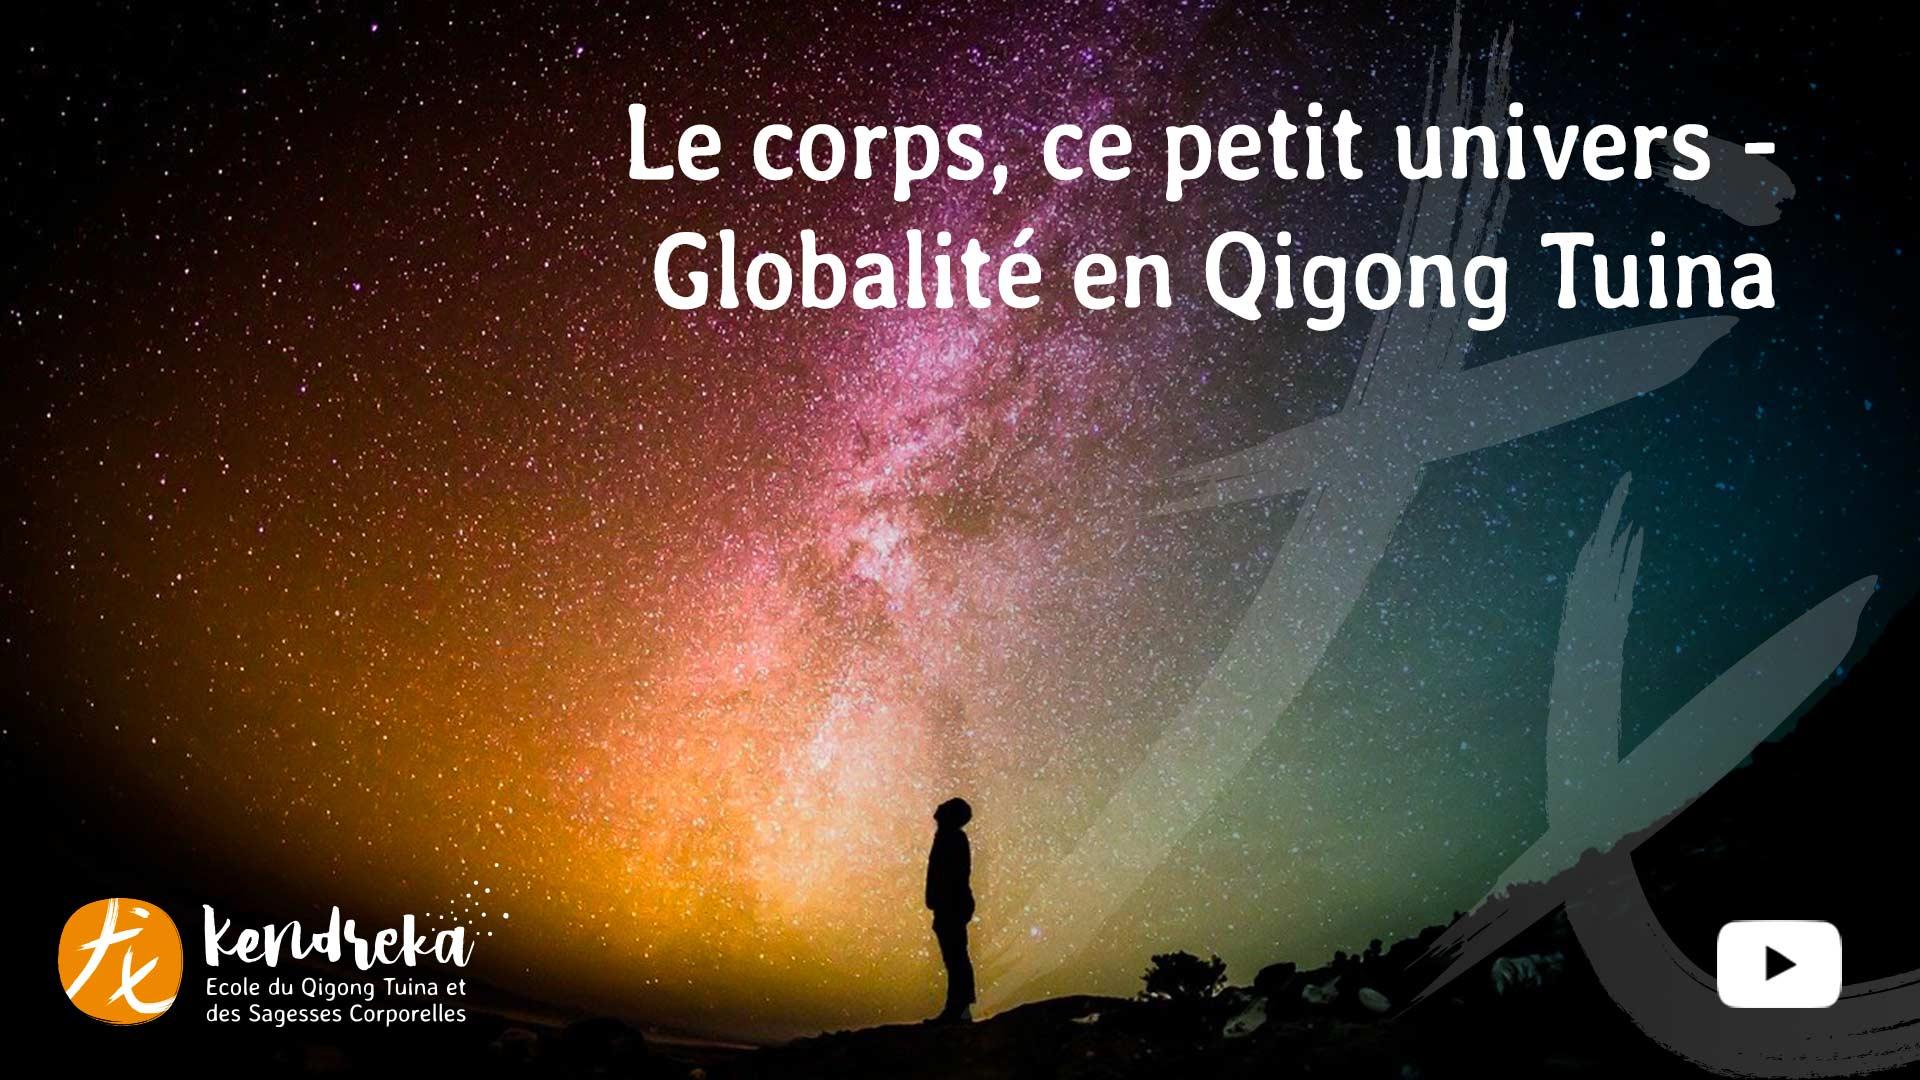 Vidéo: Le corps, ce petit univers - Globalité en Qigong Tuina